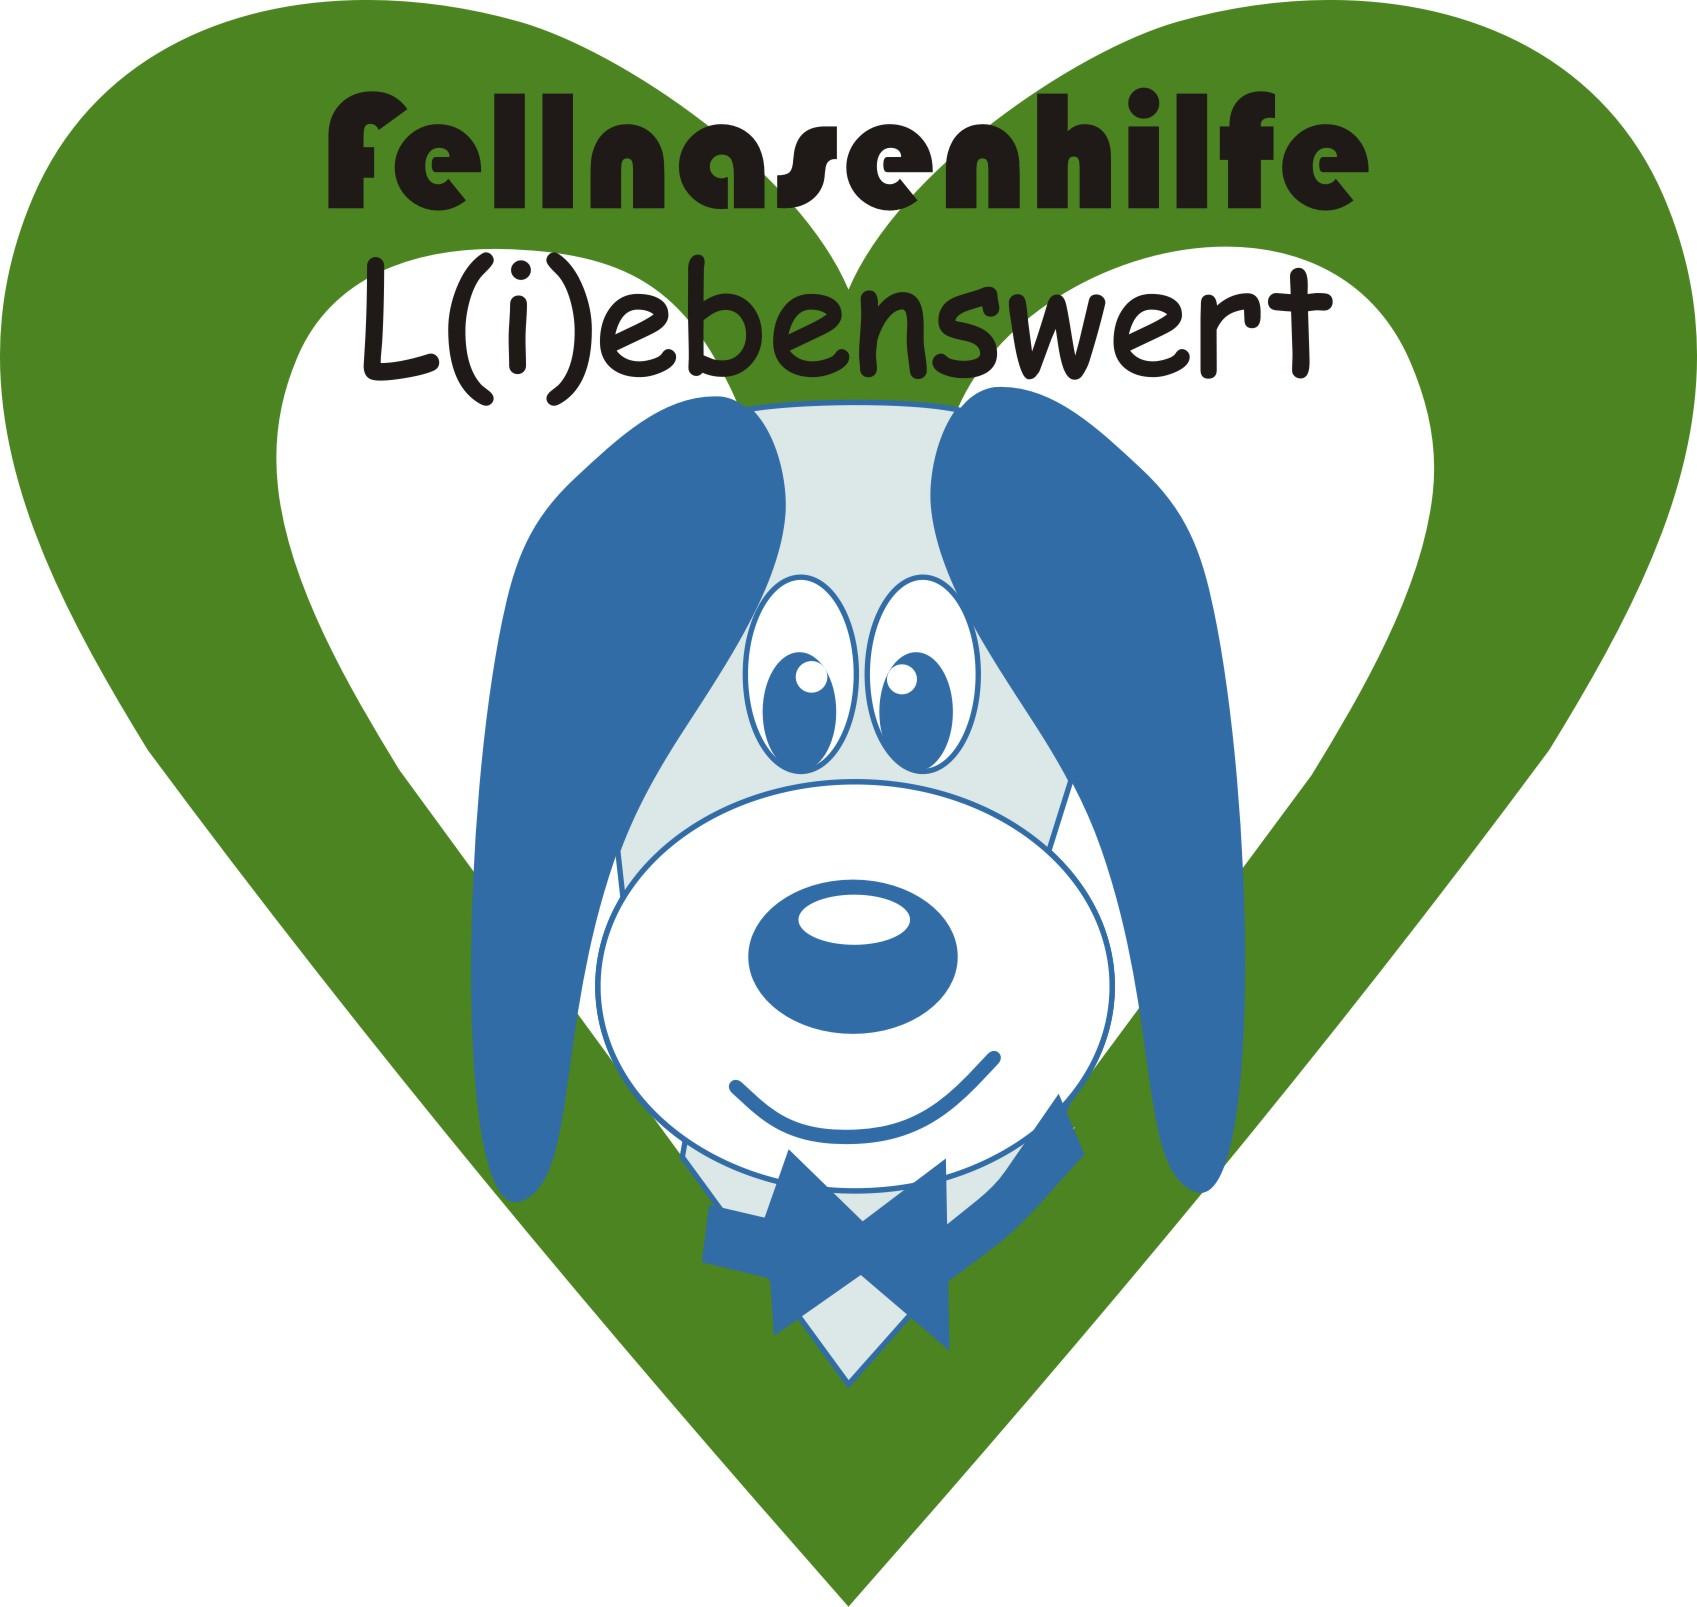 logo fellnasen